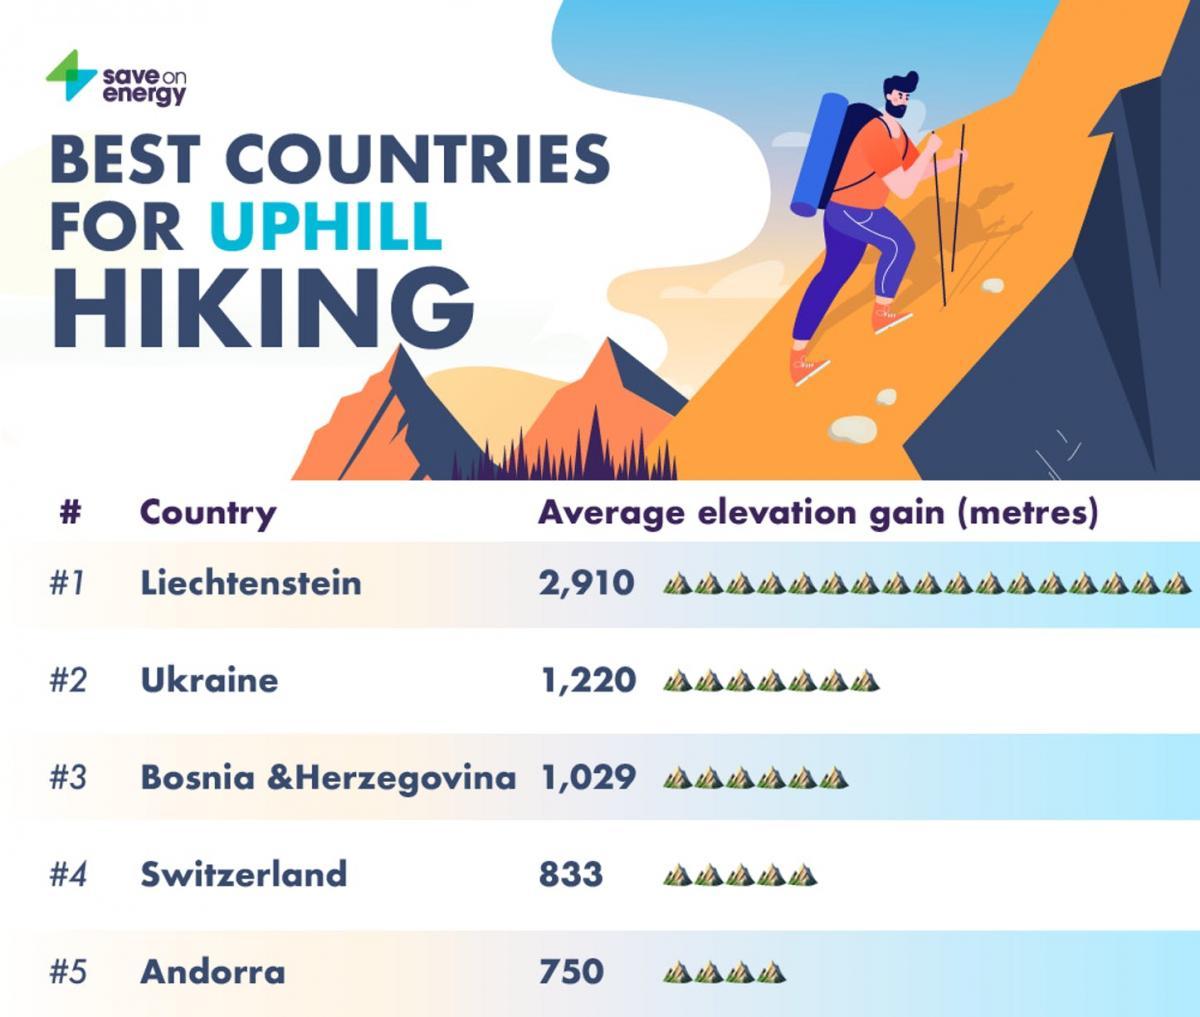 Лучшие страны для пеших подъемов в гору / фото saveonenergy.com